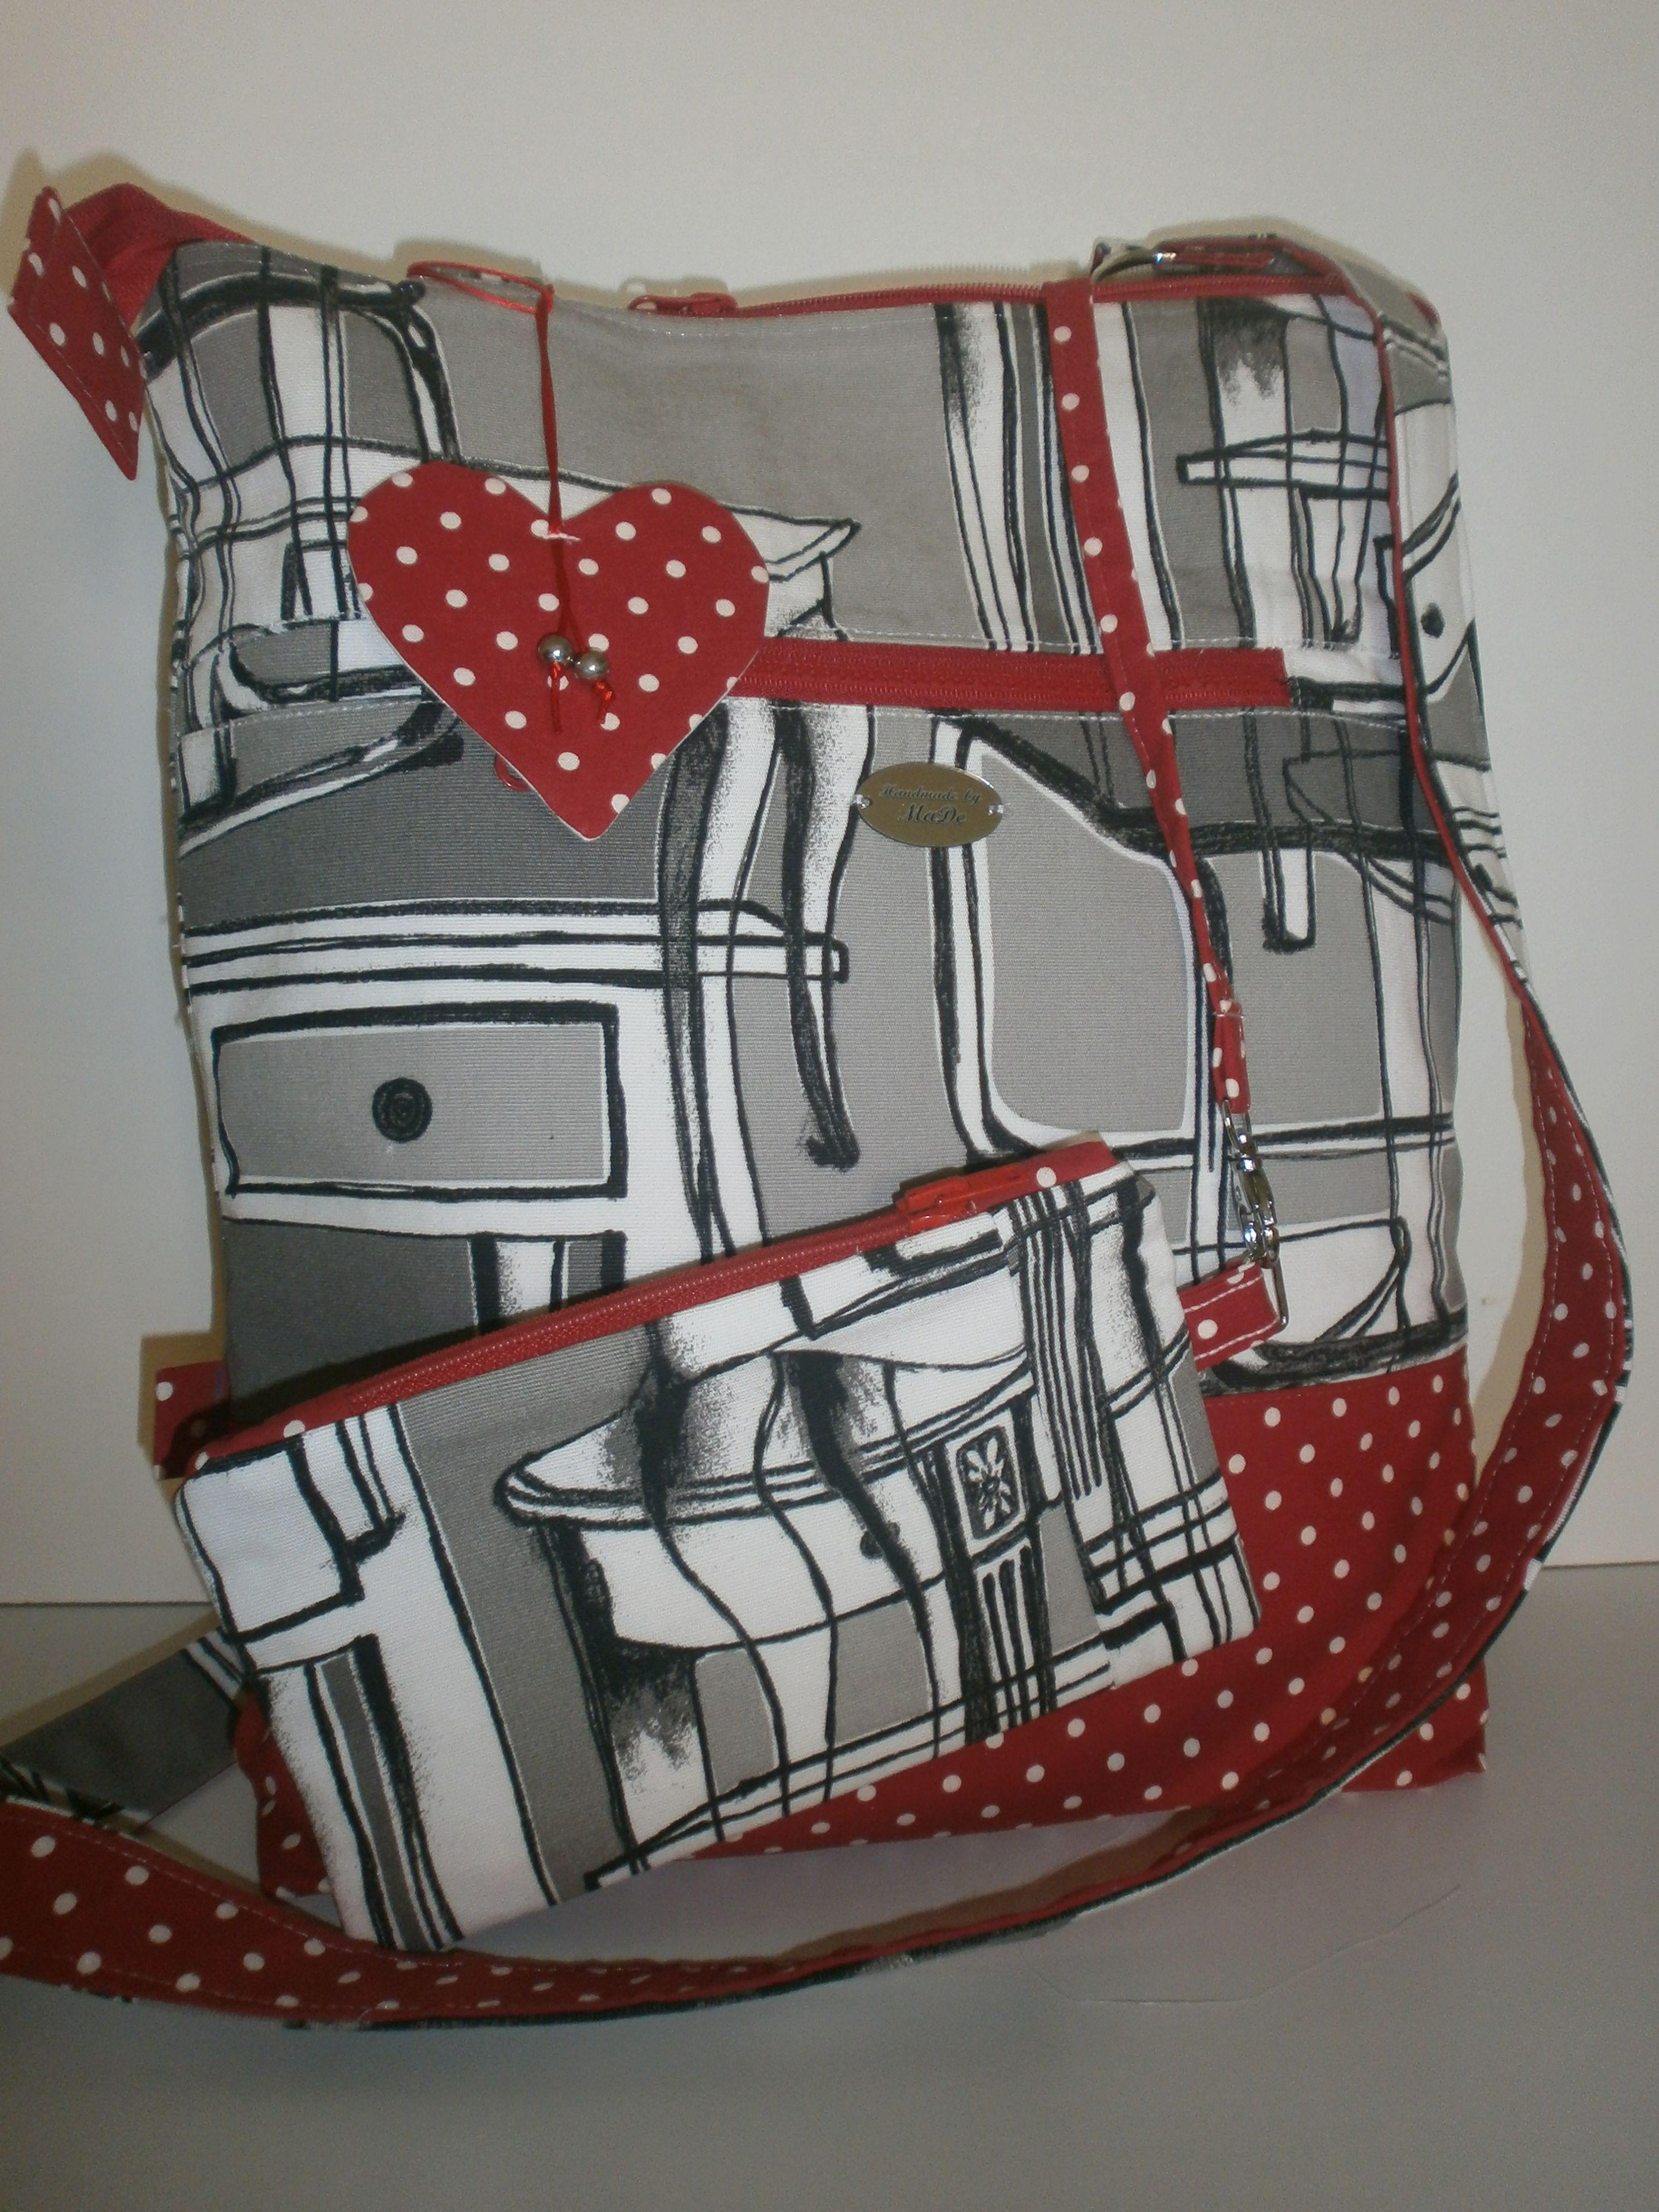 Nová červená bodkovaná taška. Čo na ňu hovoríte?